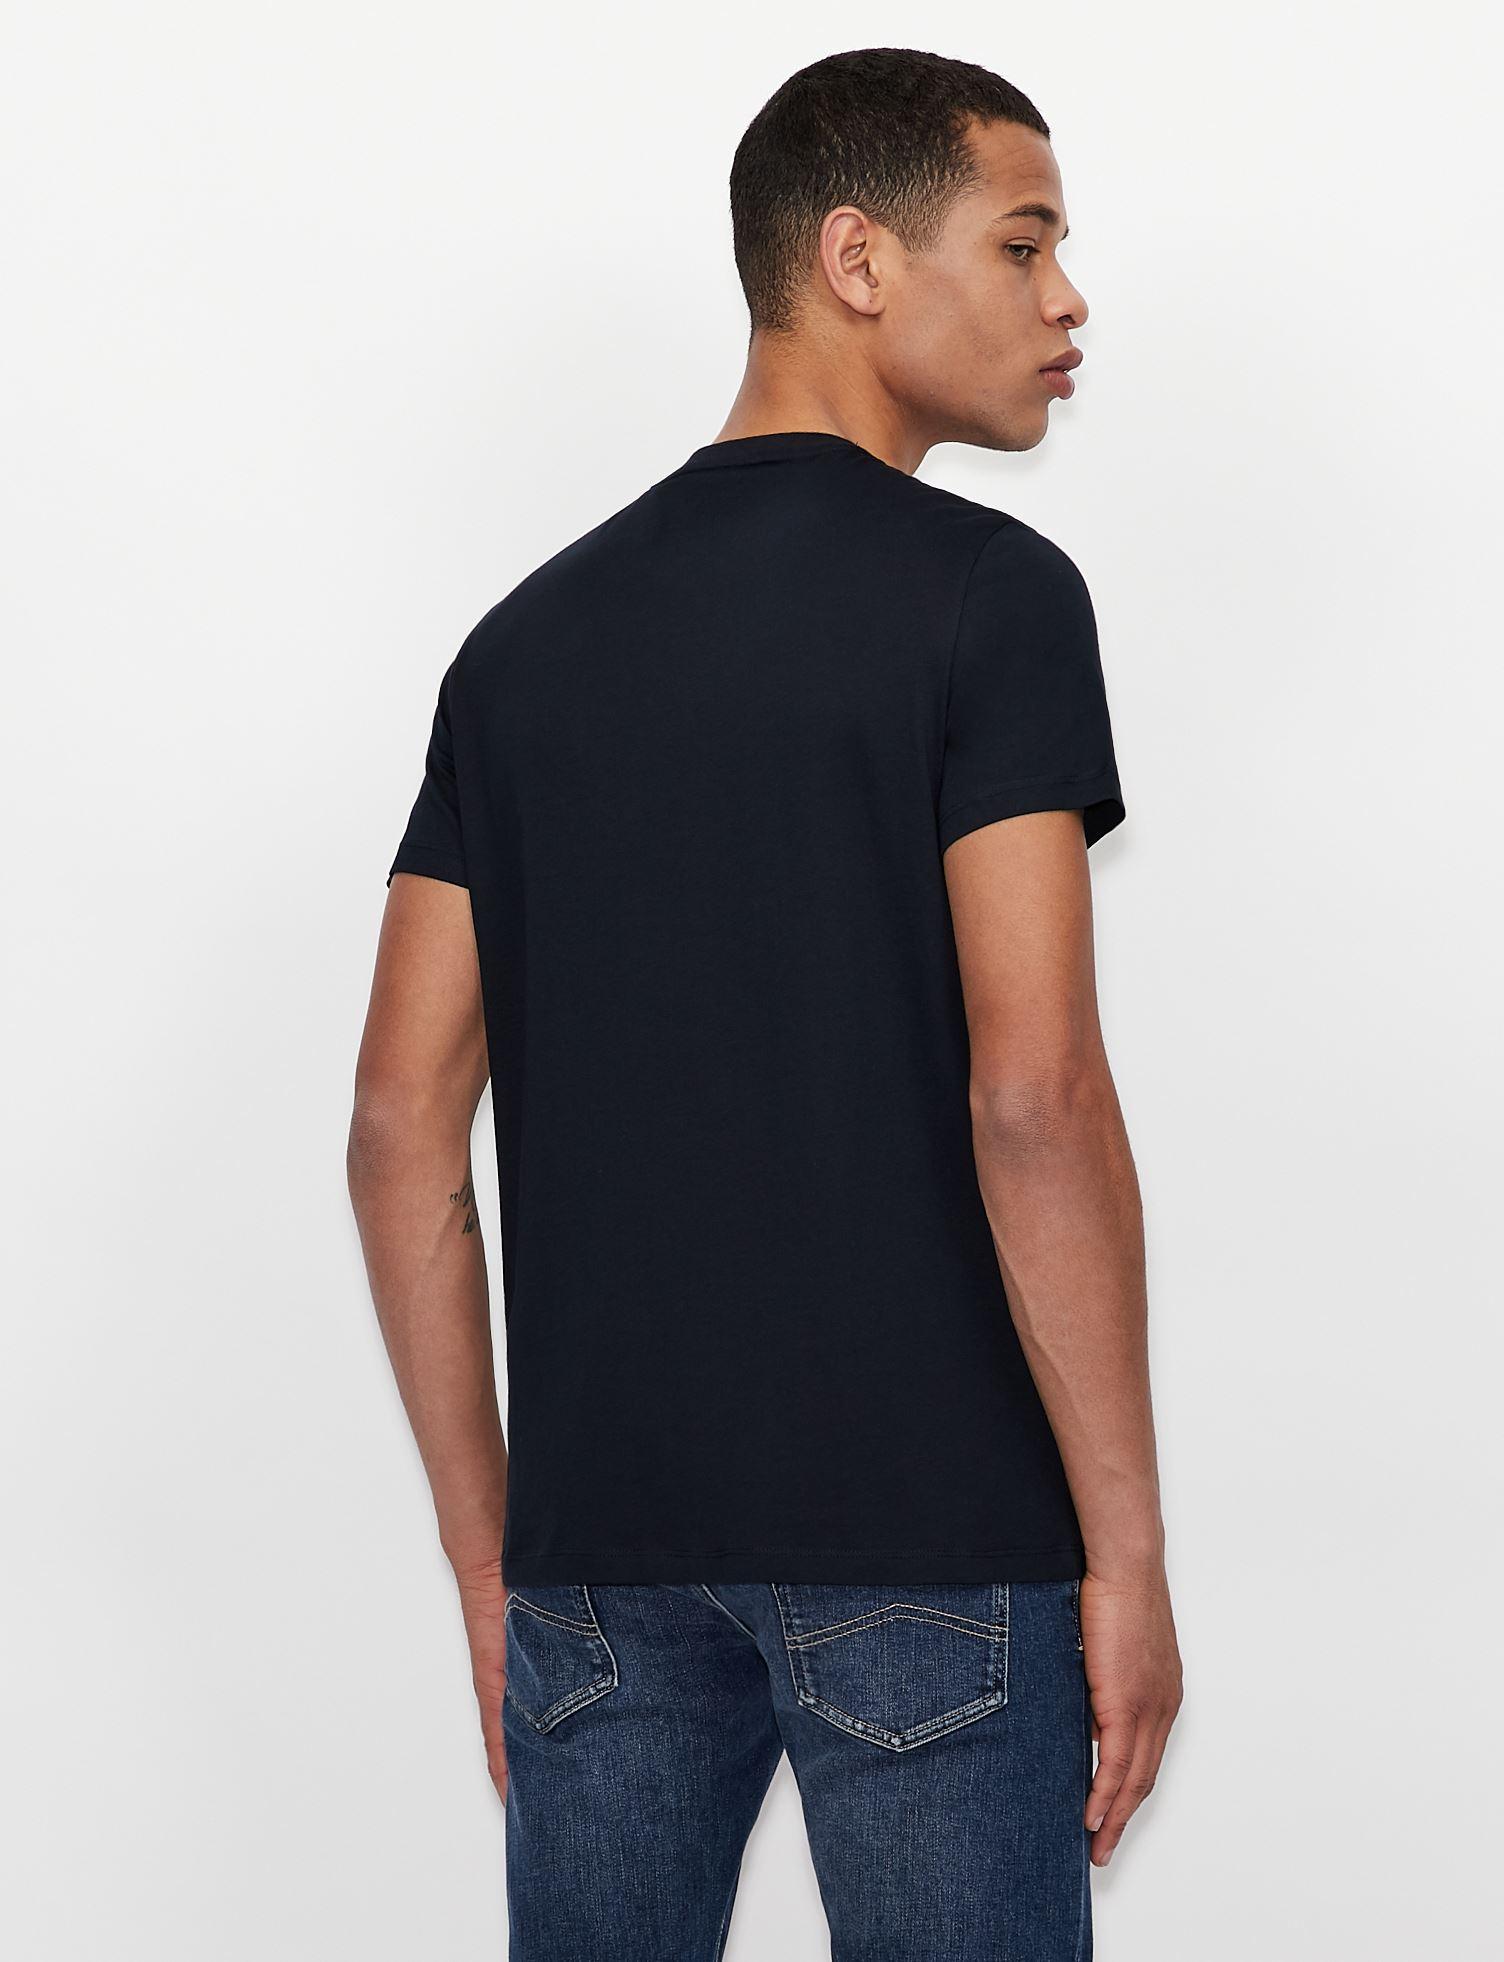 T-shirt Armani Exchange ARMANI EXCHANGE | T-shirt | 8NZT93-Z8H4Z1510